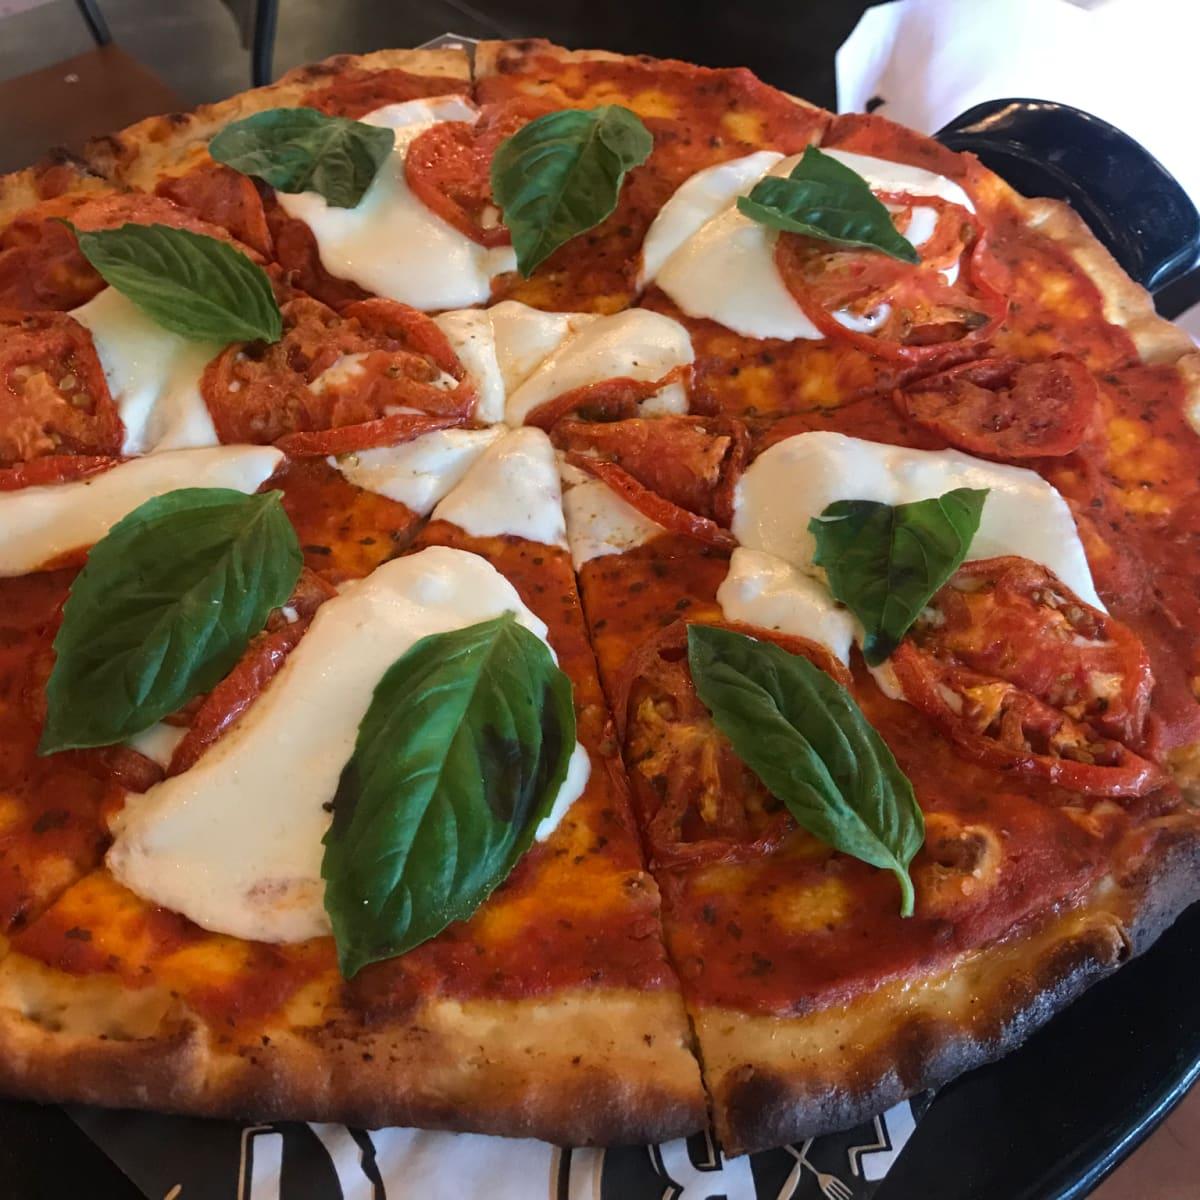 The Post Oak Craft F&B pizza